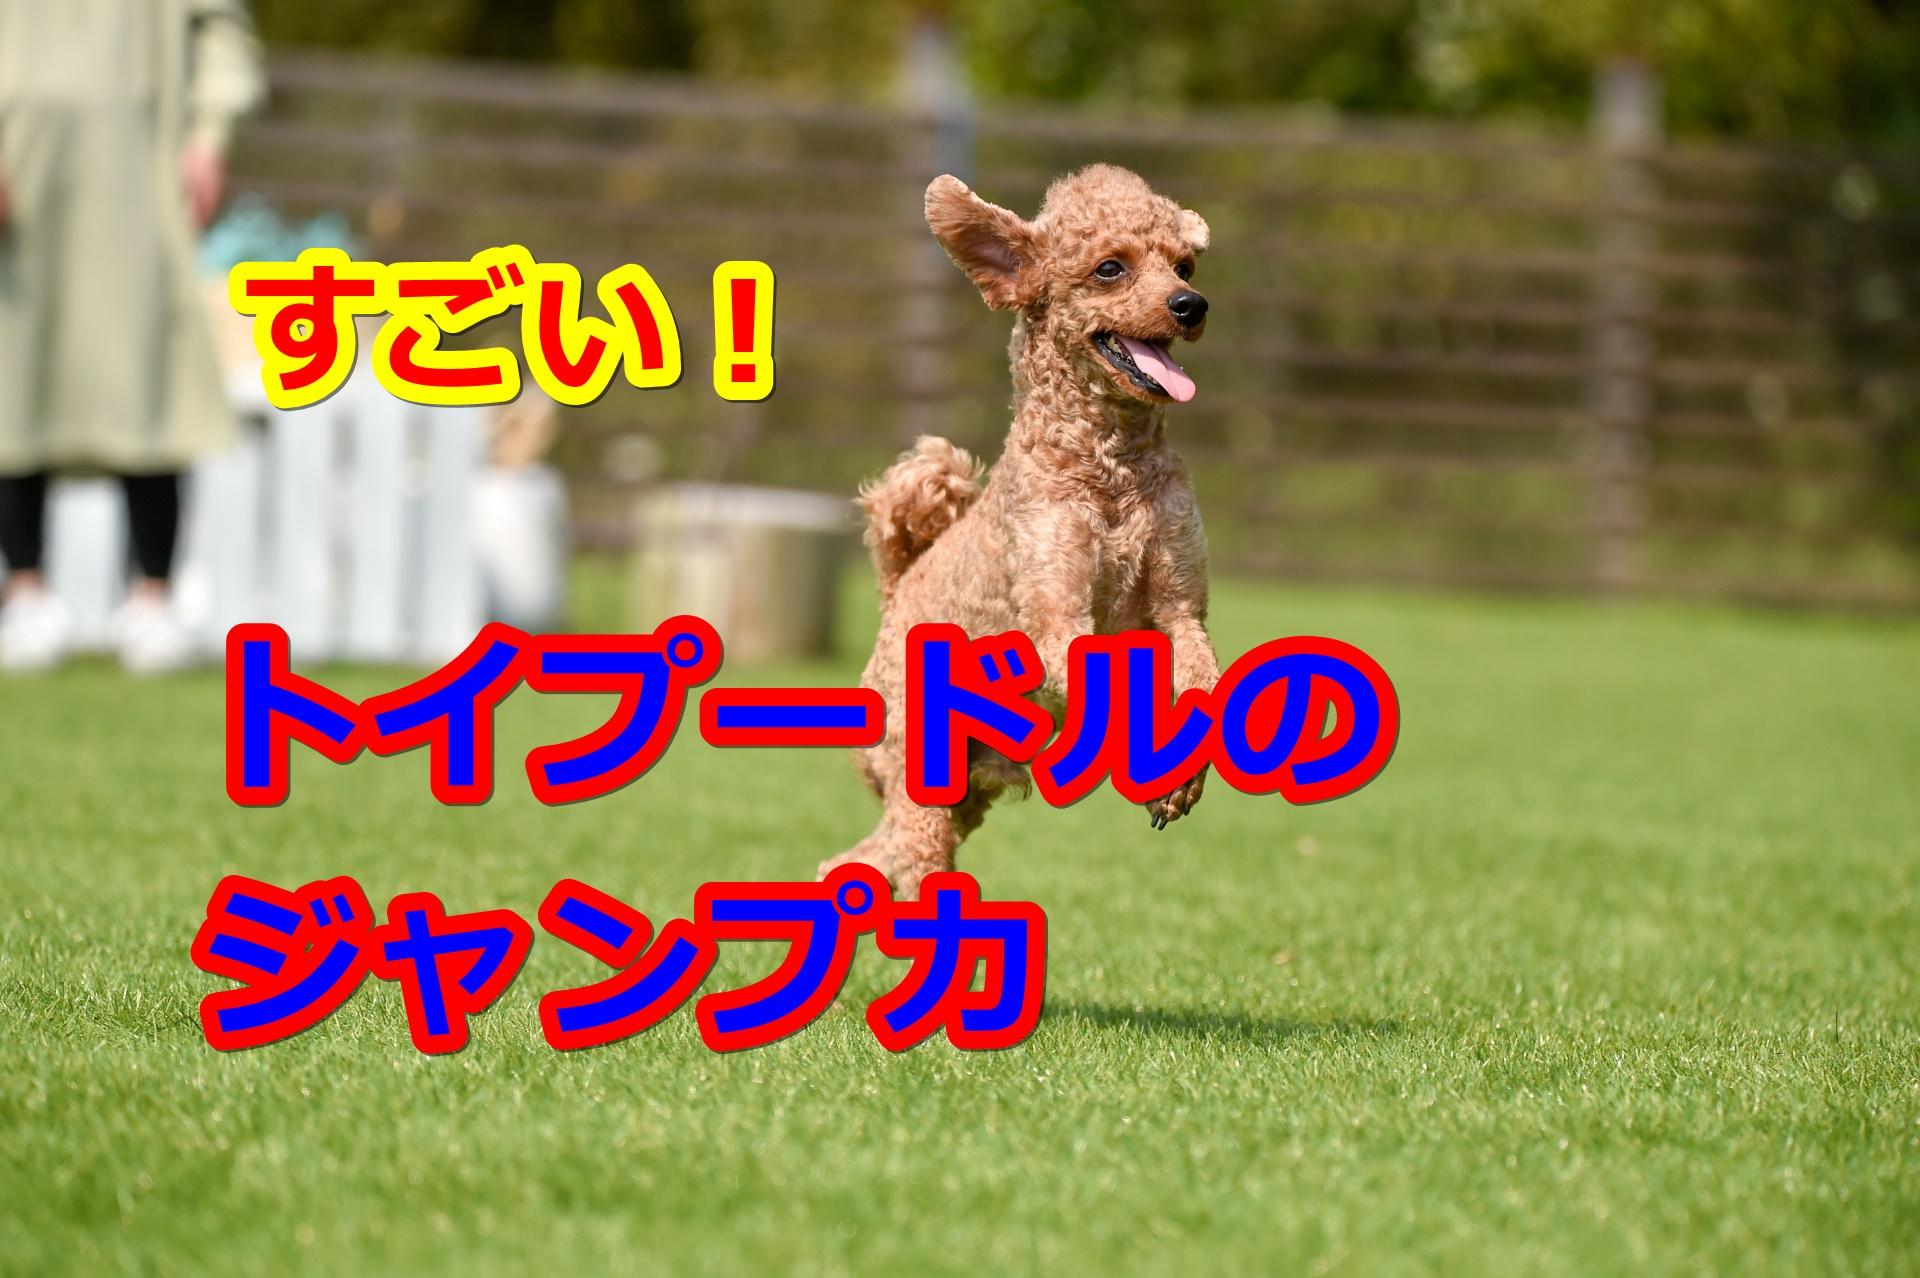 トイプードルのジャンプ力にびっくり!愛犬のジャンプは思わぬ怪我の元